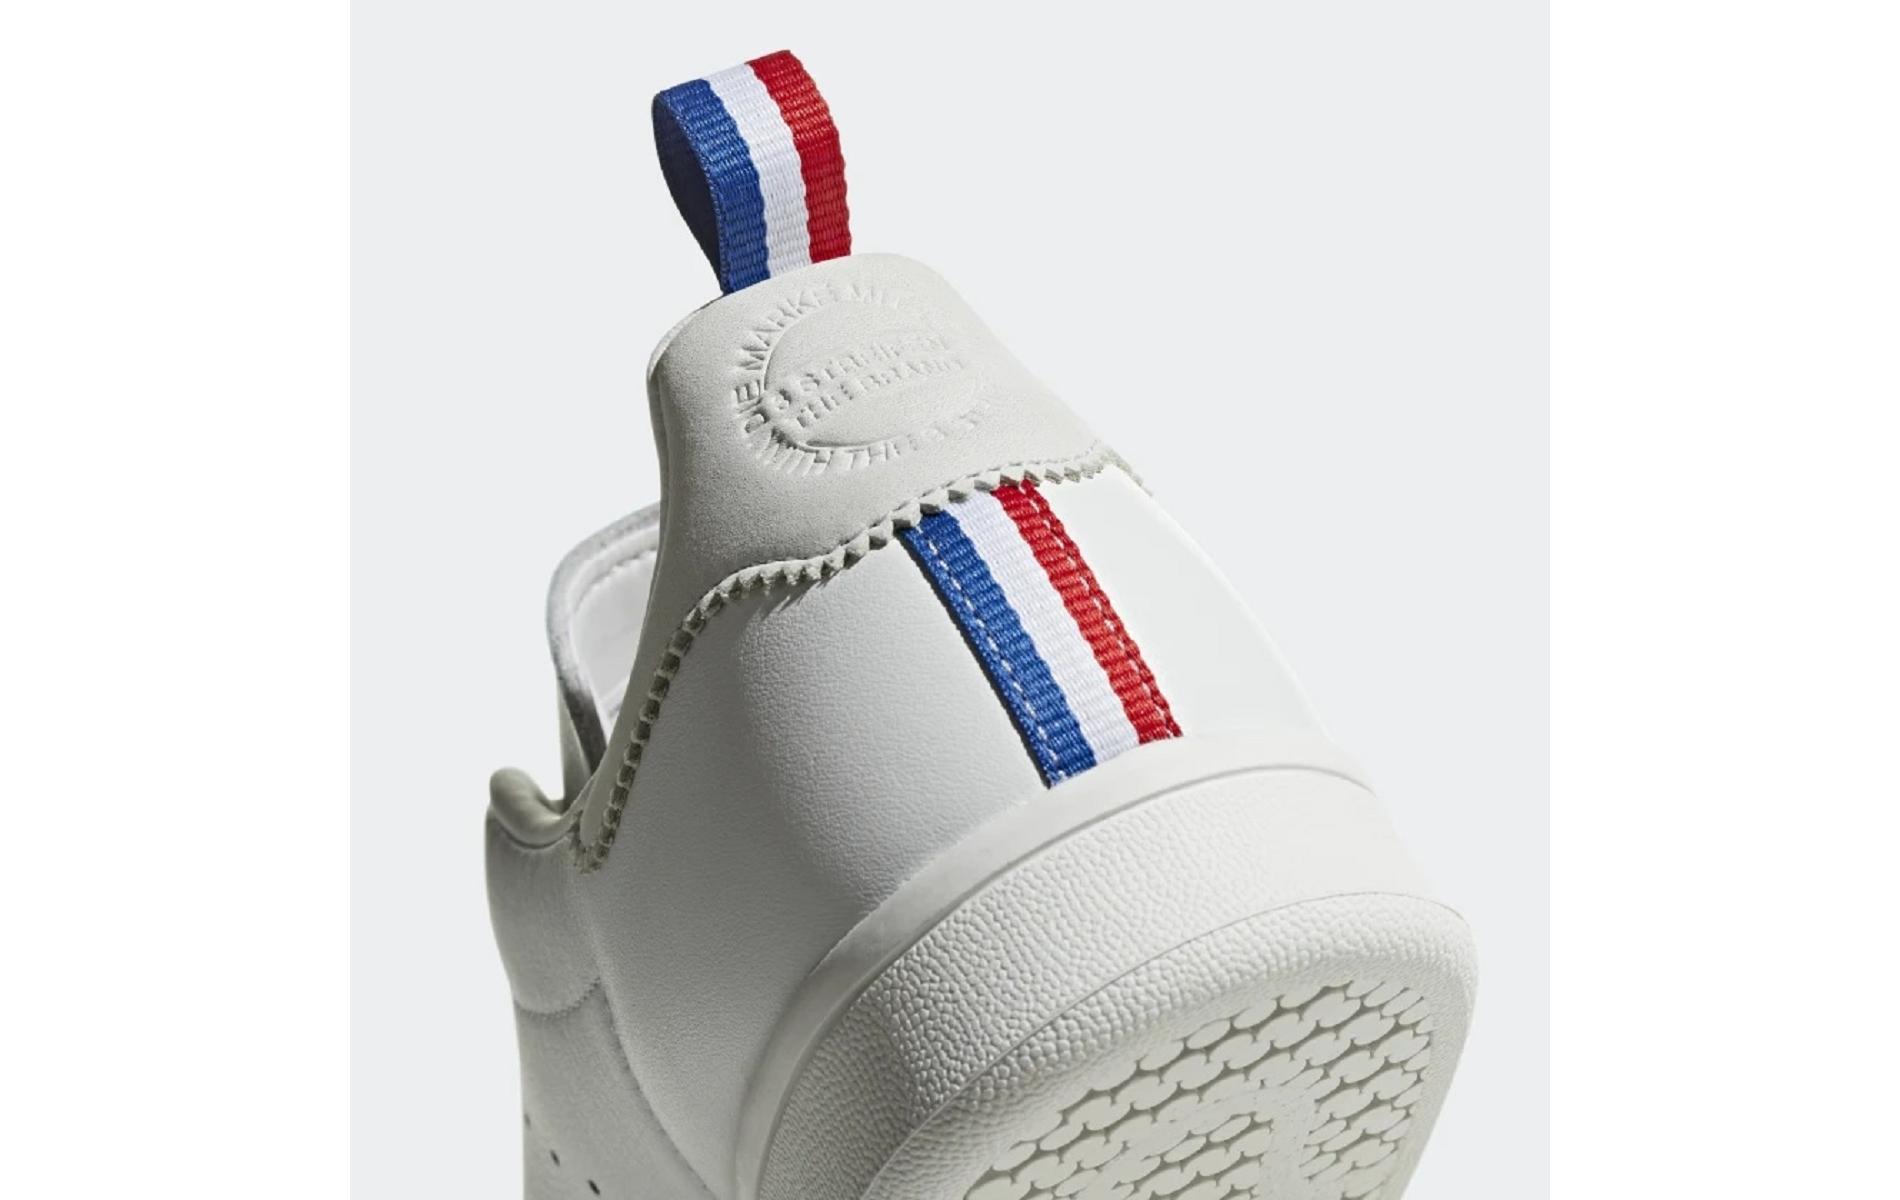 bd7433 adidas - 54% remise - www